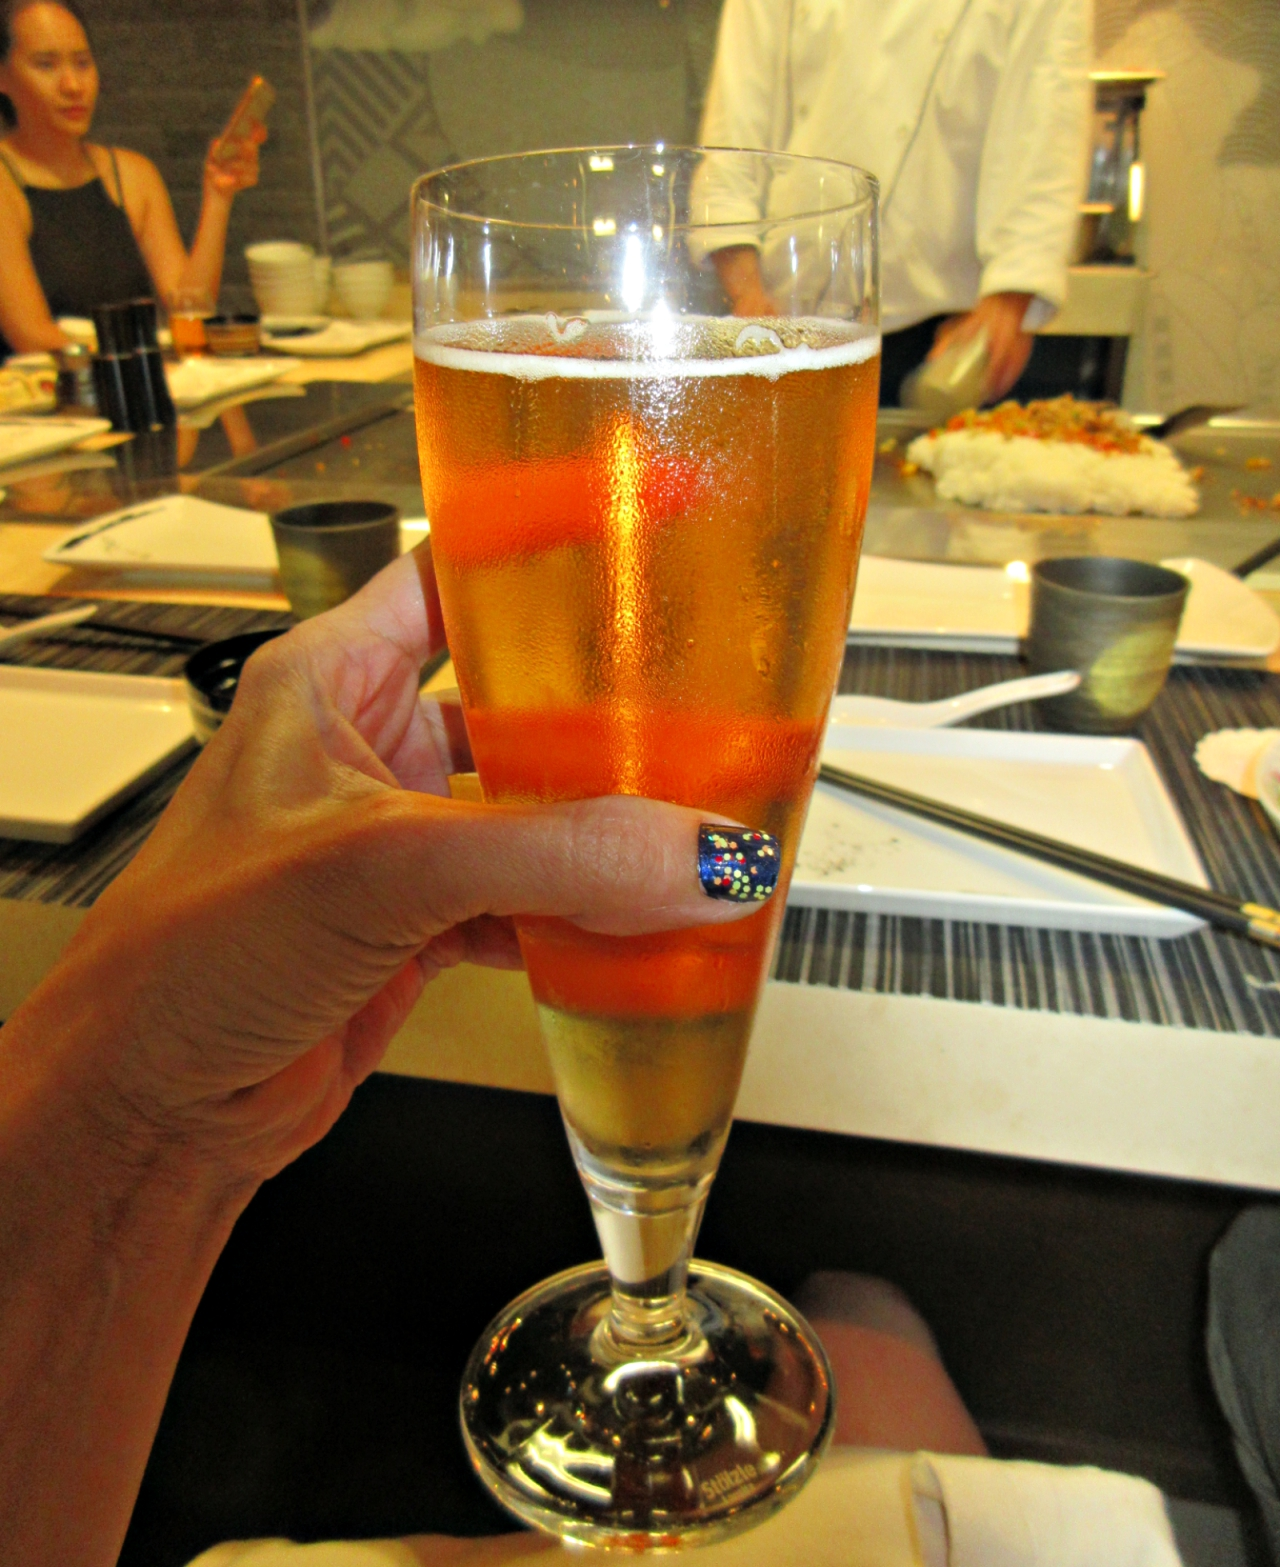 Drinking at Umi Uma